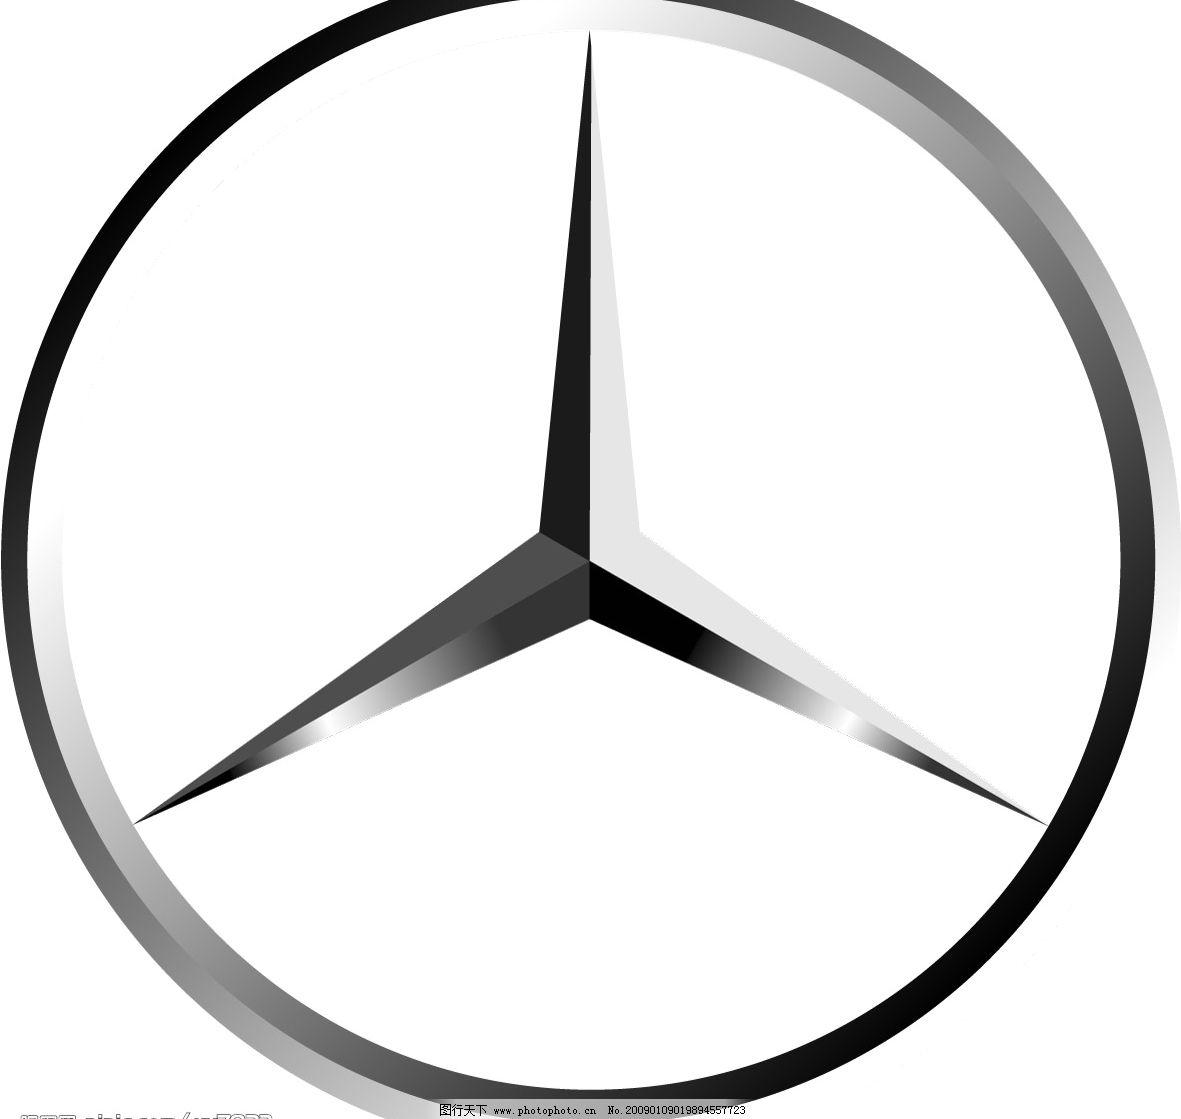 北京奔驰汽车logo